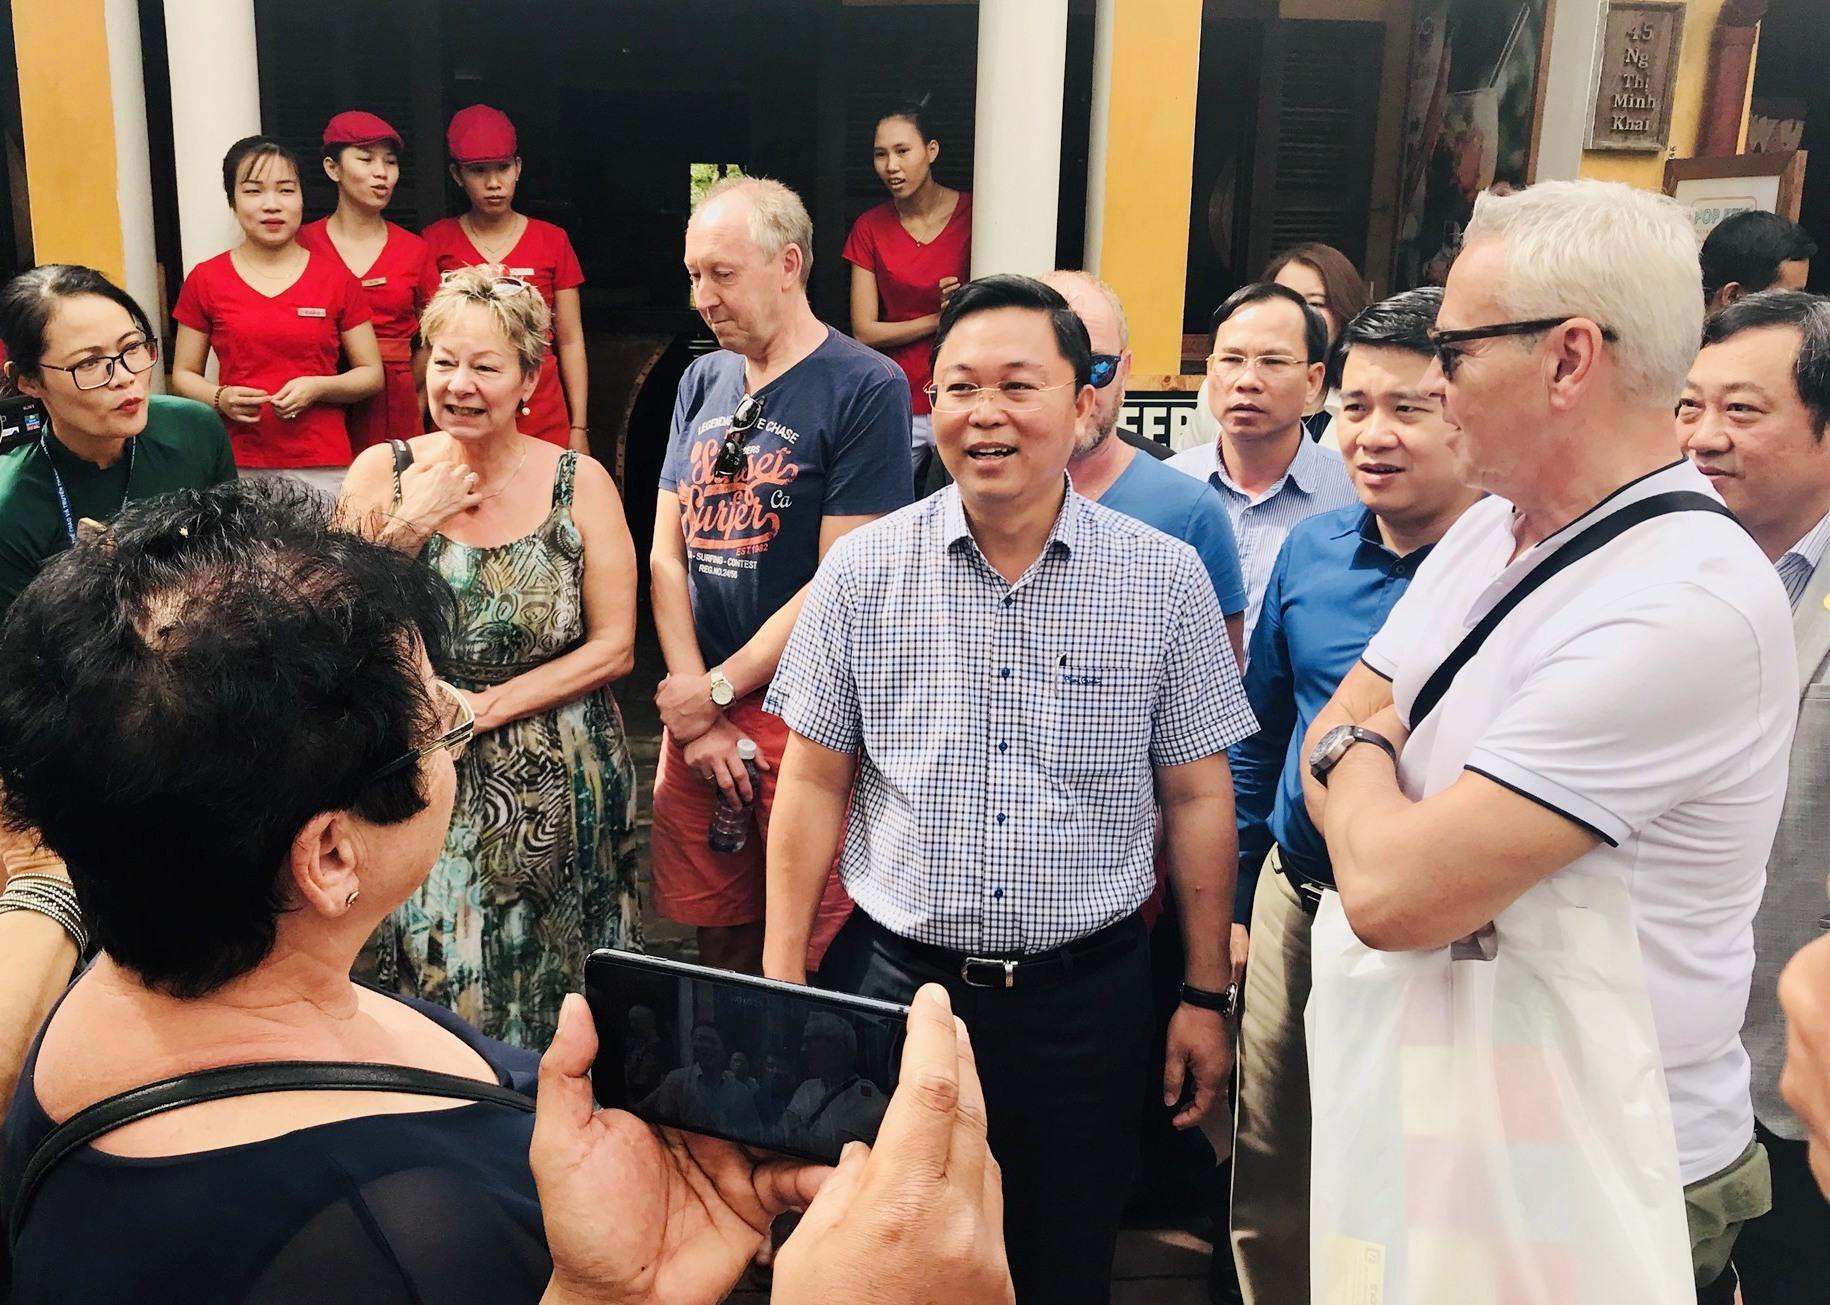 Chủ tịch UBND tỉnh Lê Trí Thanh trao đổi với du khách quốc tế trong khu vực phố cổ. Ảnh: T.V